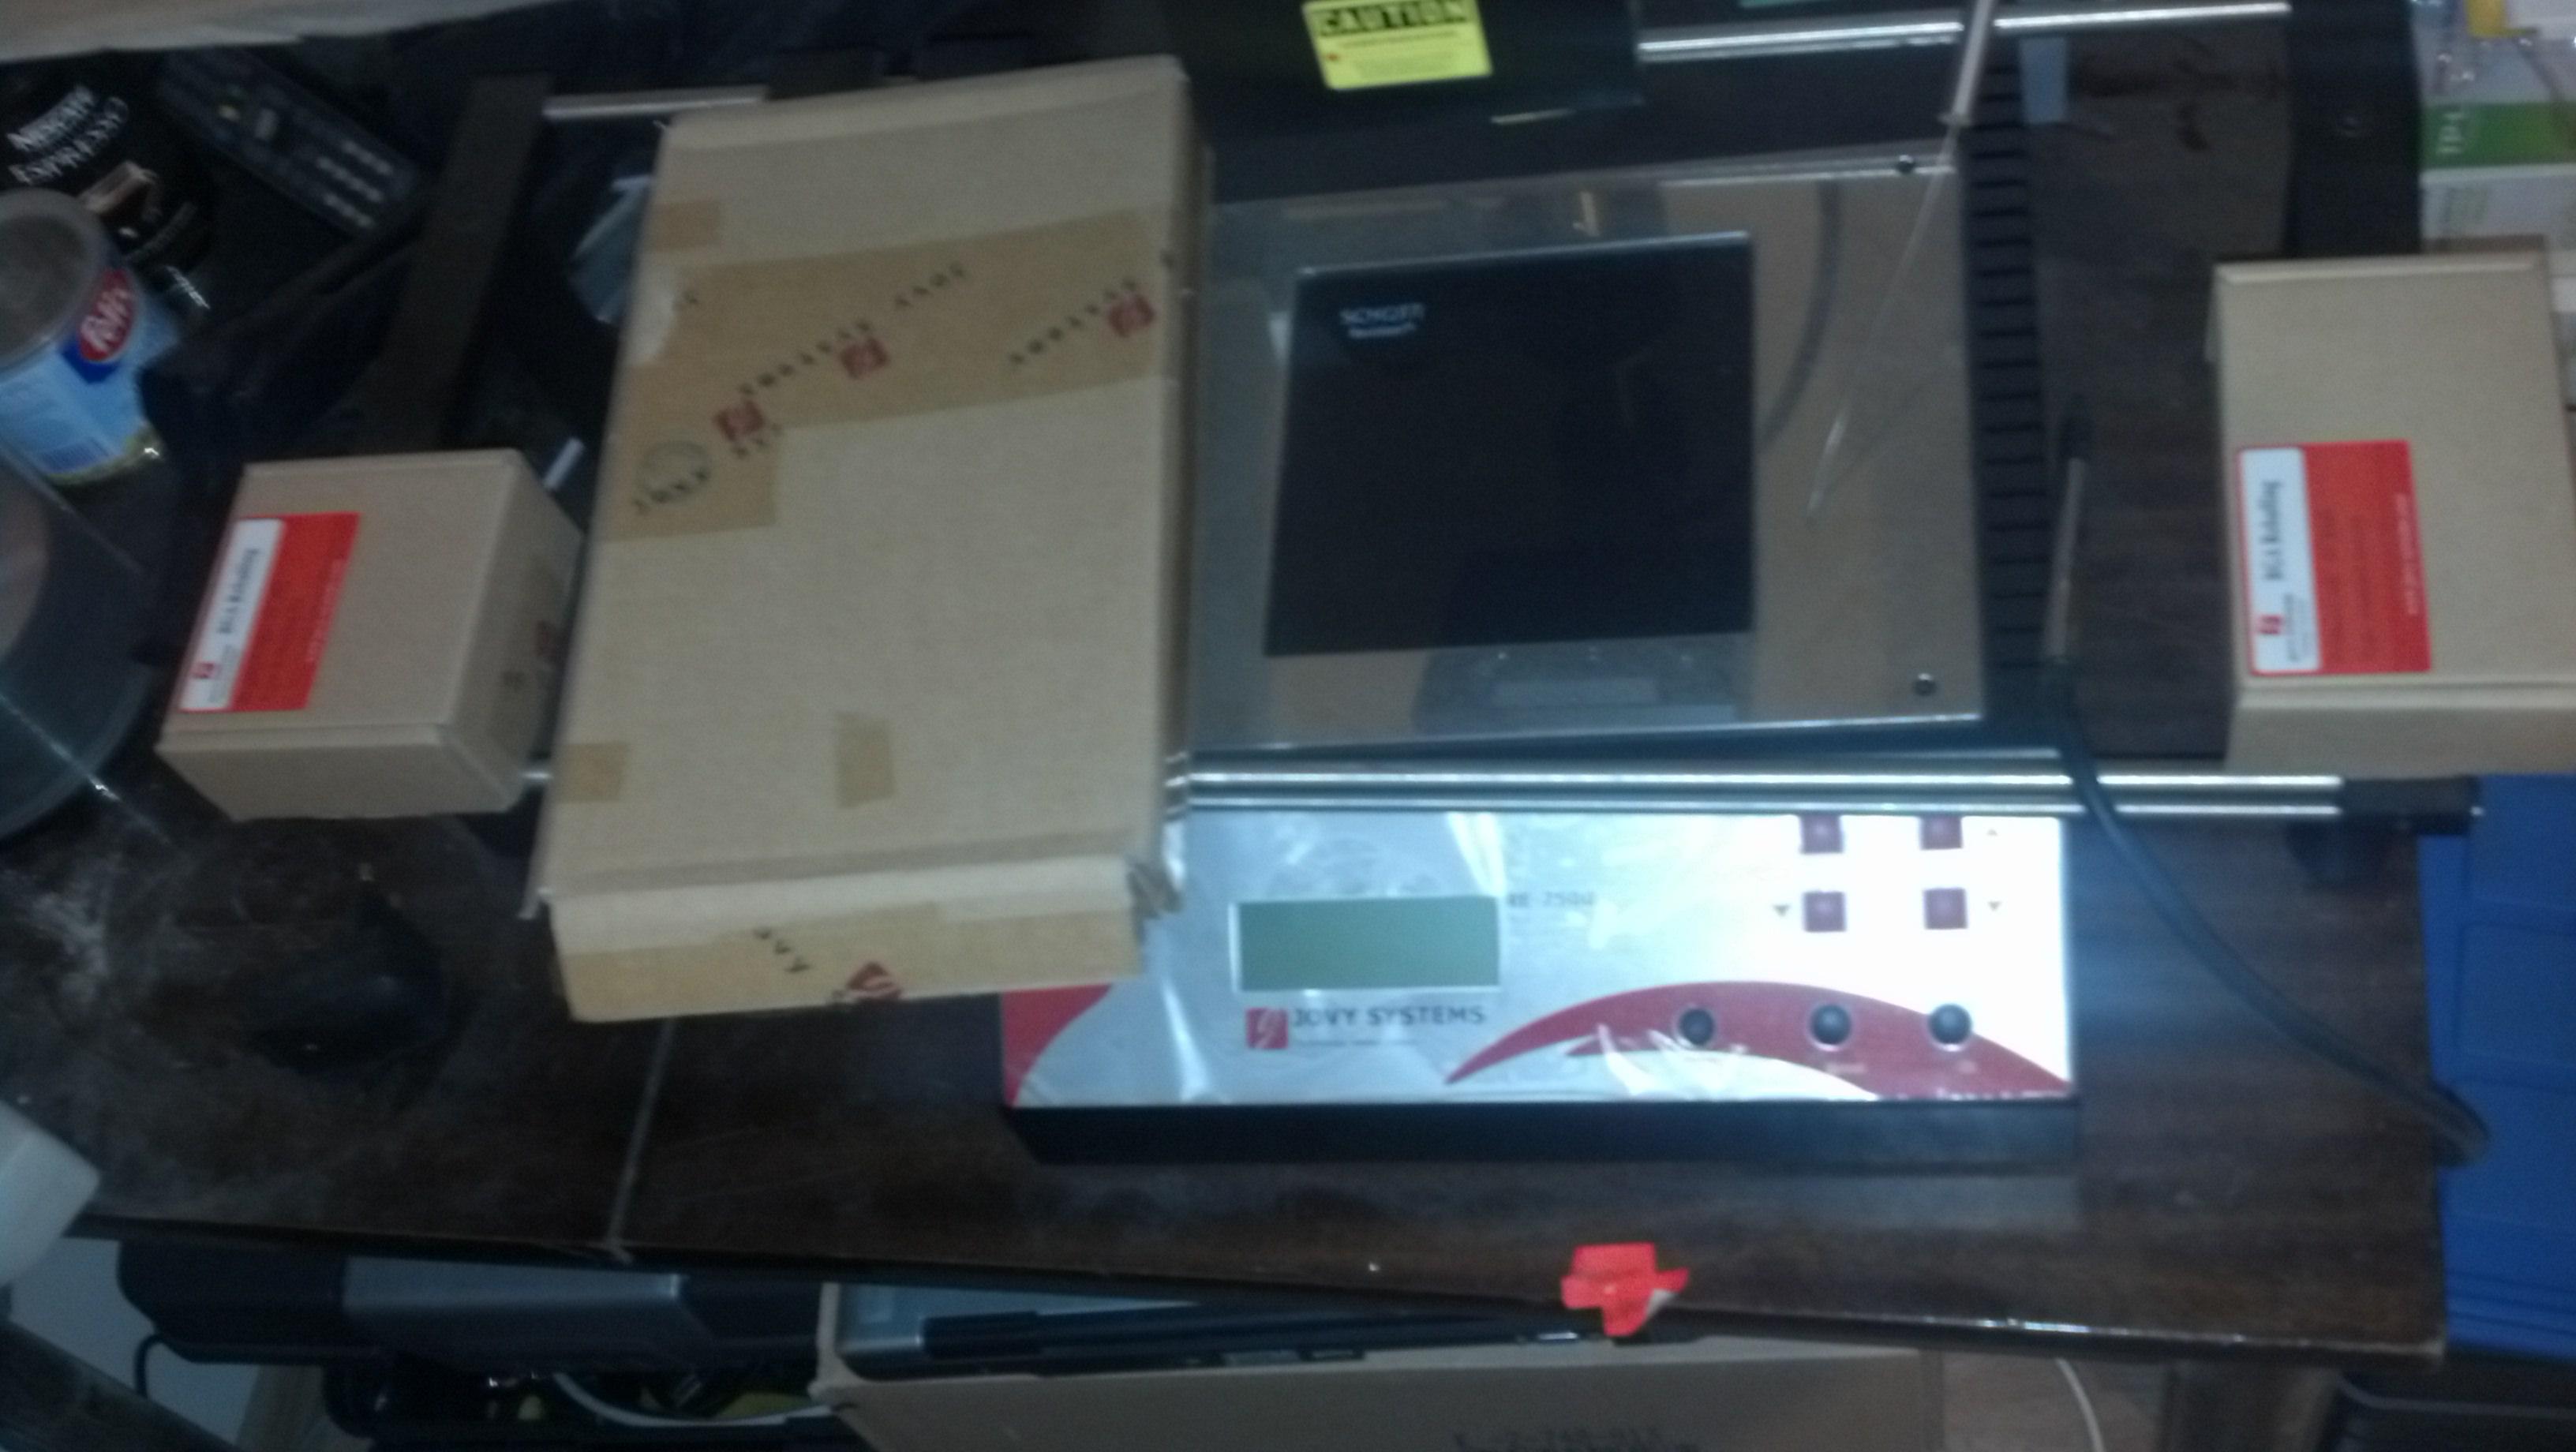 [Sprzedam] Jovy RE-7500 rozbudowany system lutowniczy na podczerwie�